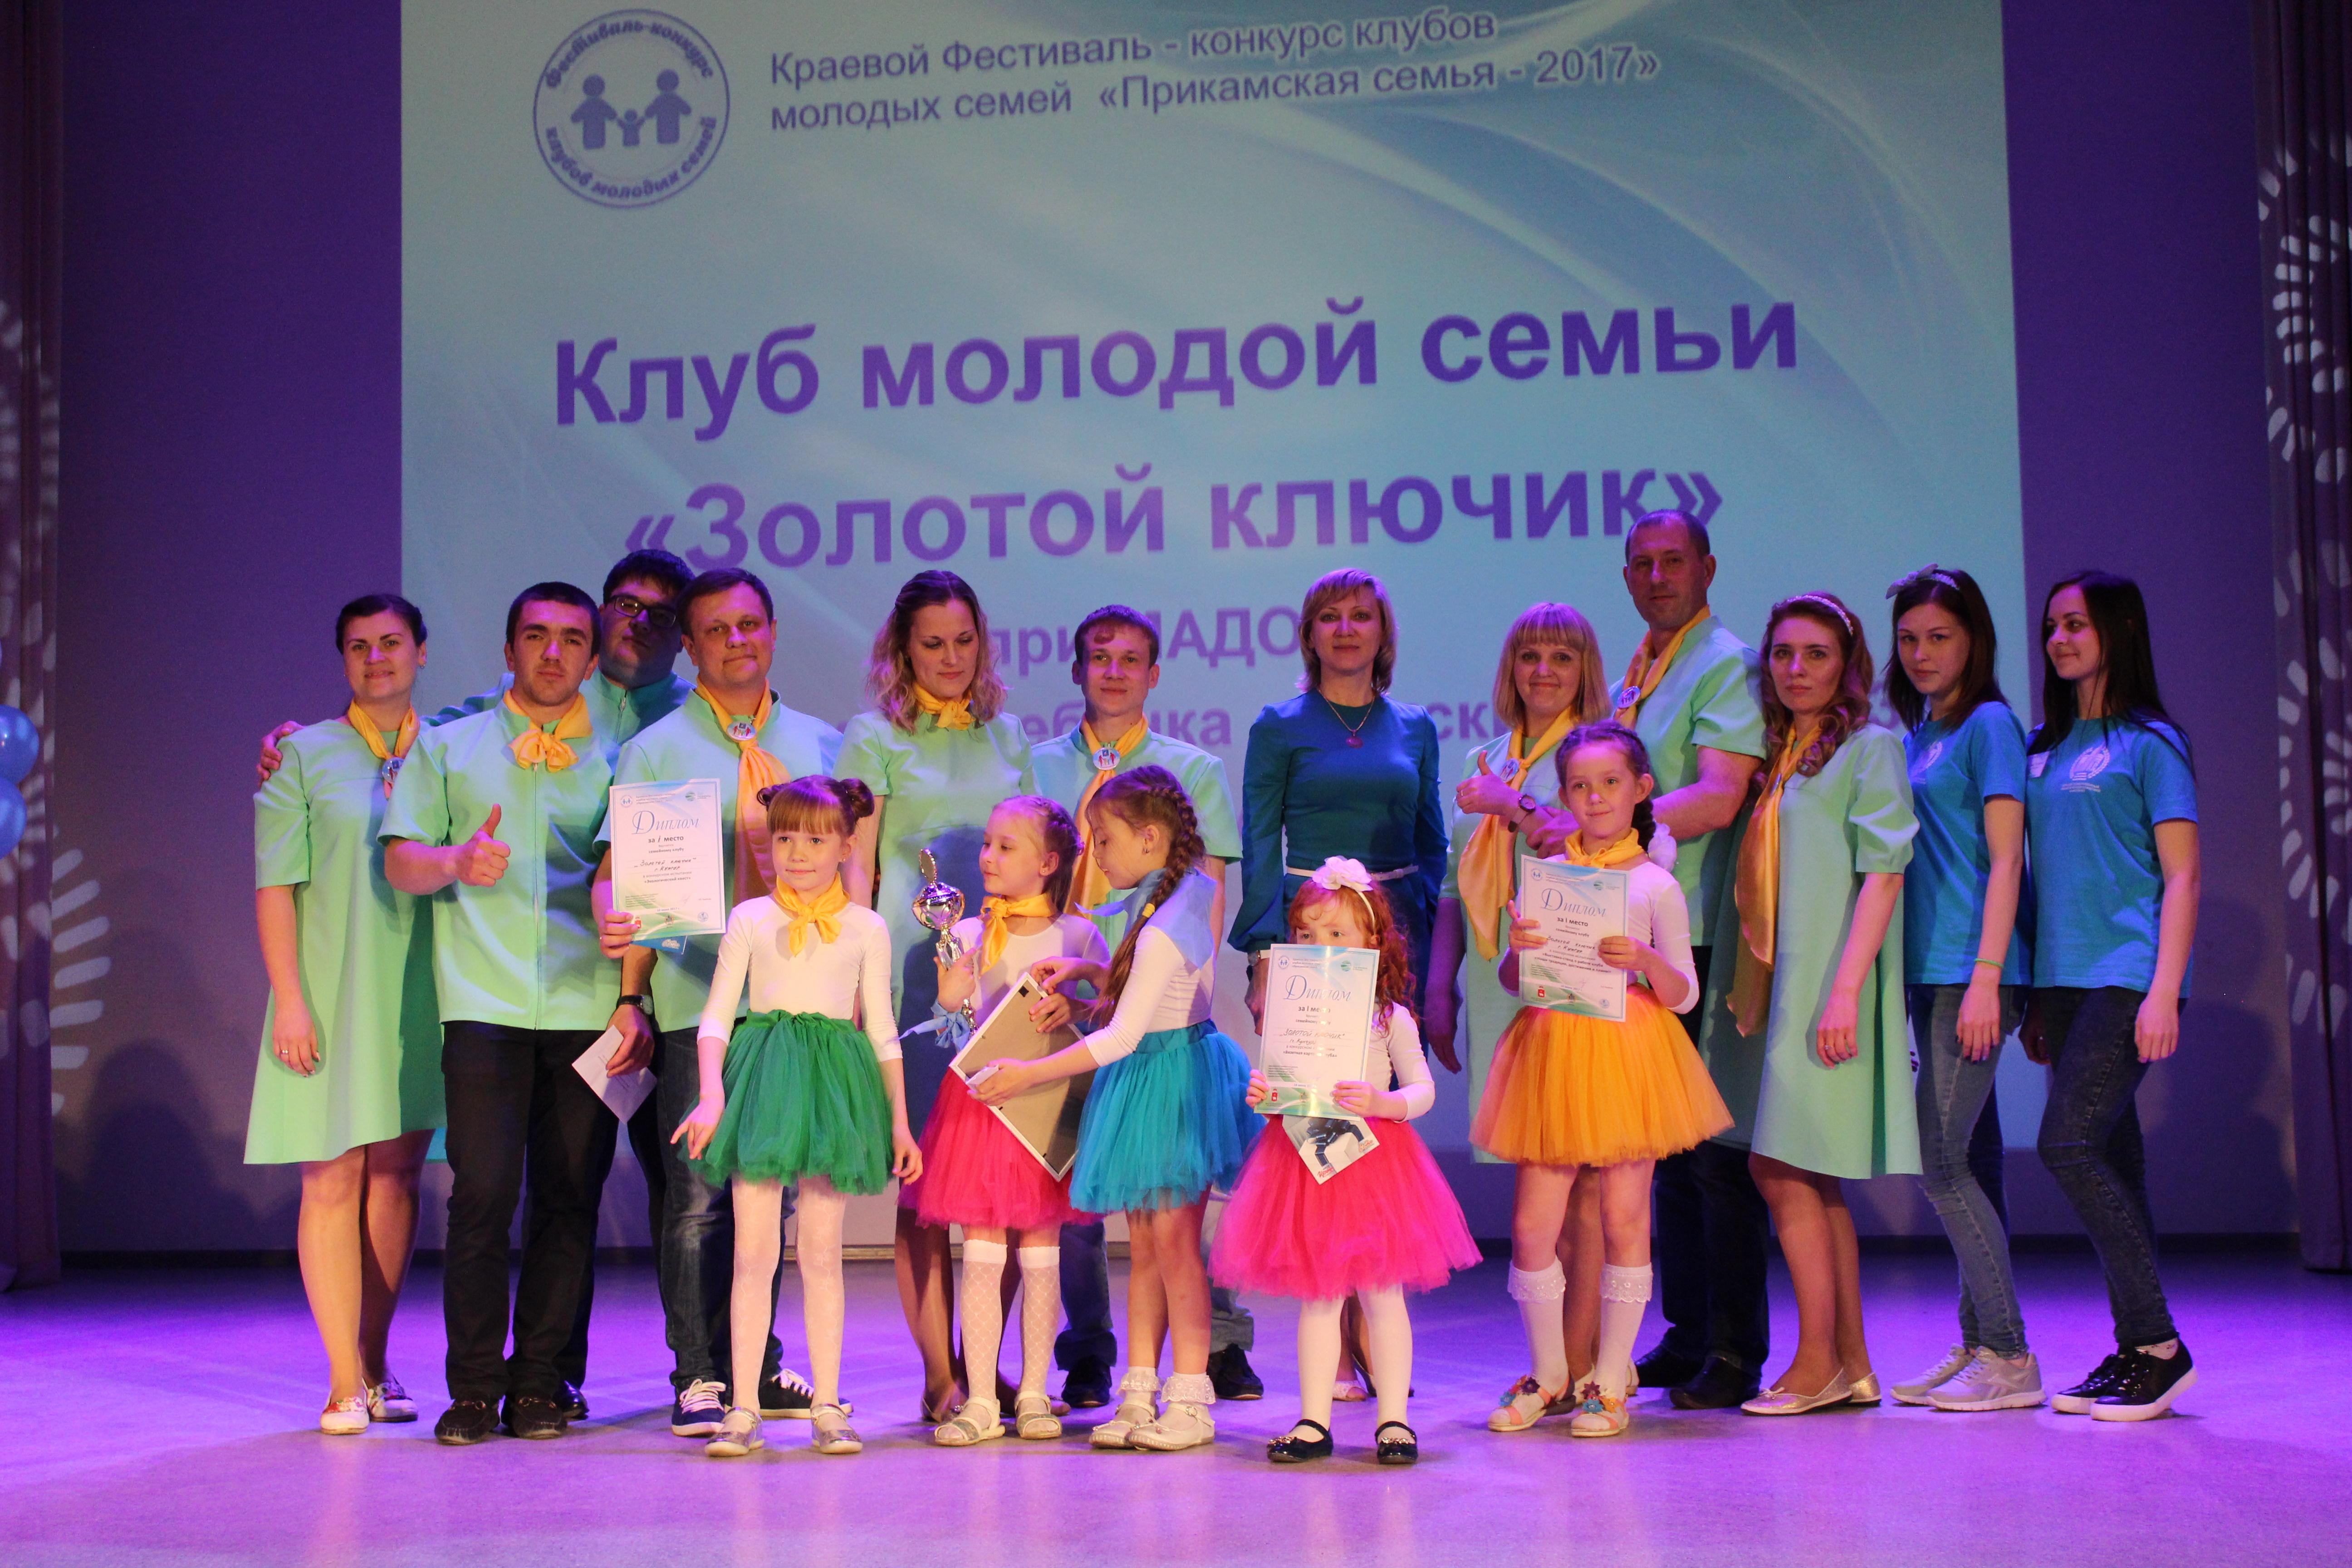 Конкурсы для молодых семей в клубах семей